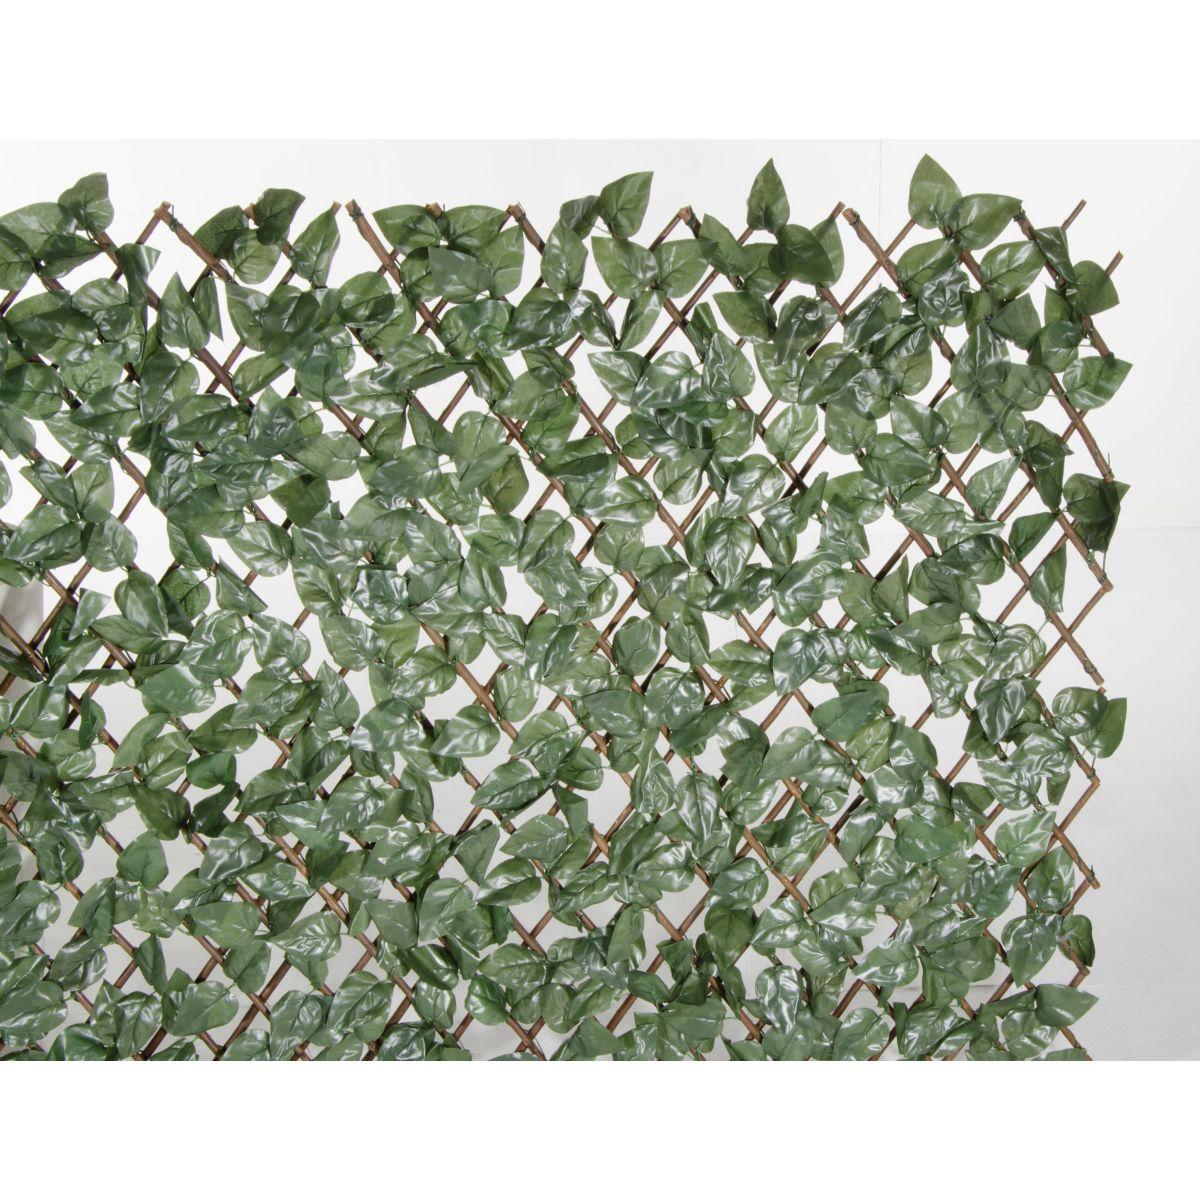 Rete con foglie per balconi giardino e naterial verde l x for Rete con foglie finte